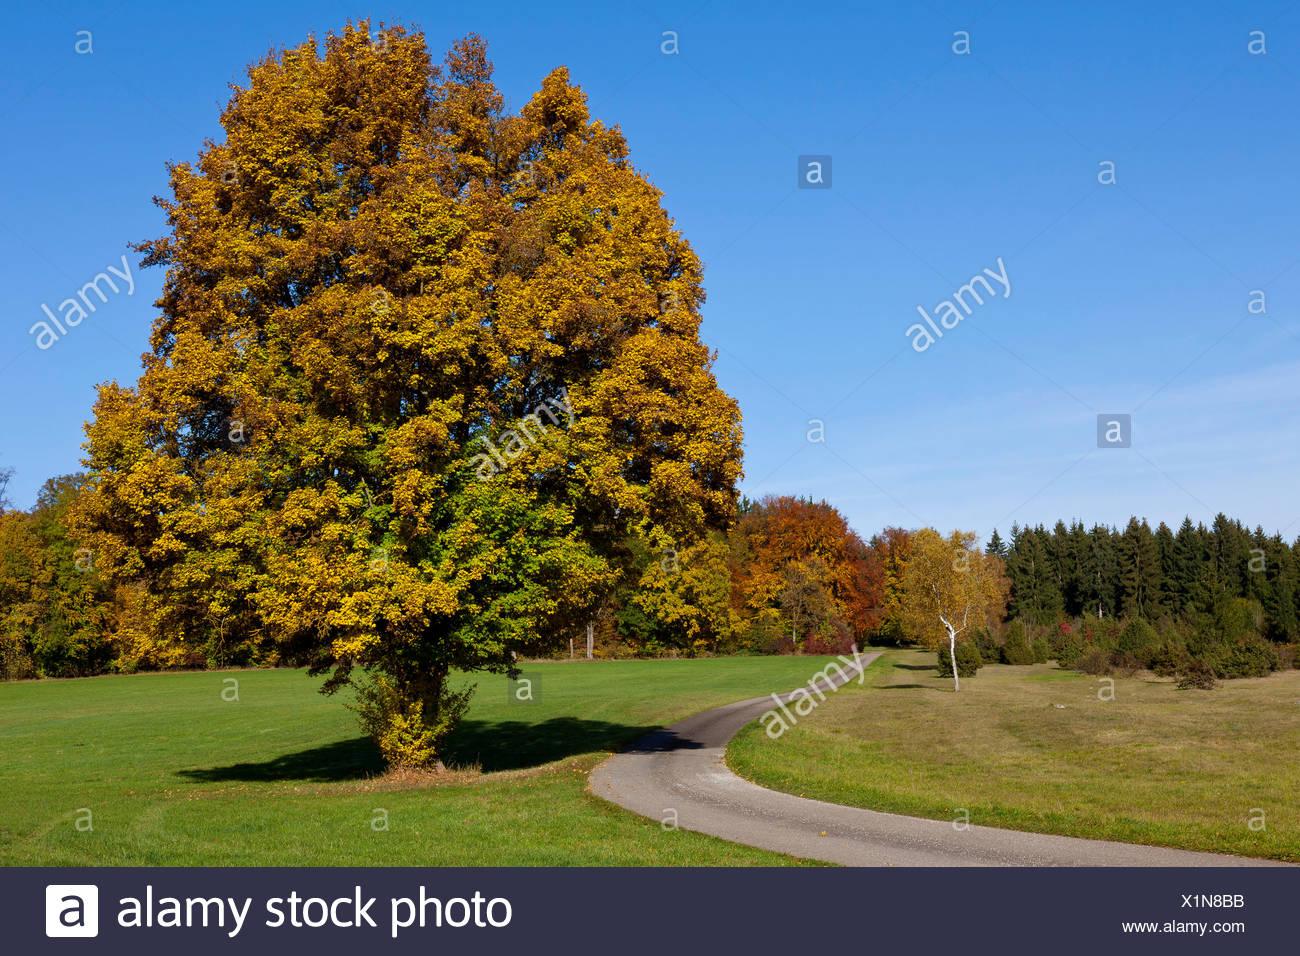 Chemin à travers un champ avec des arbres d'automne, Gerstetten, Jura souabe, Palatinat, Bade-Wurtemberg, Allemagne Photo Stock